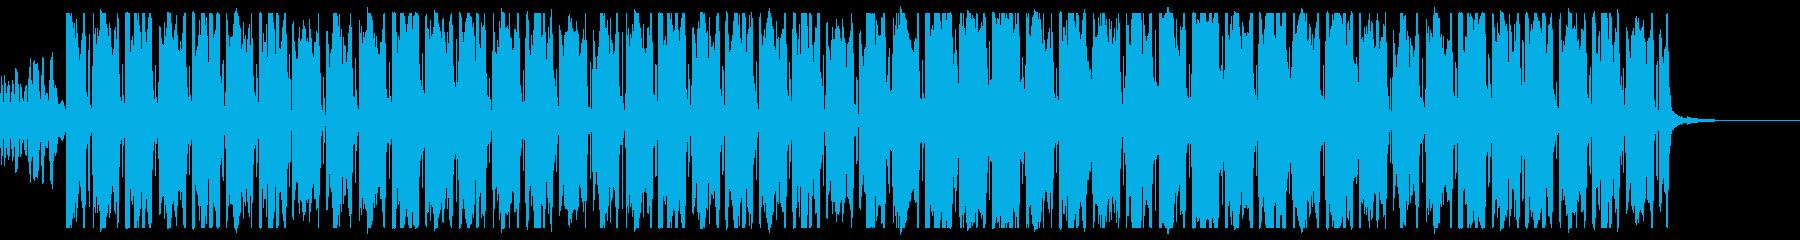 チャンネル登録 Youtubeの再生済みの波形